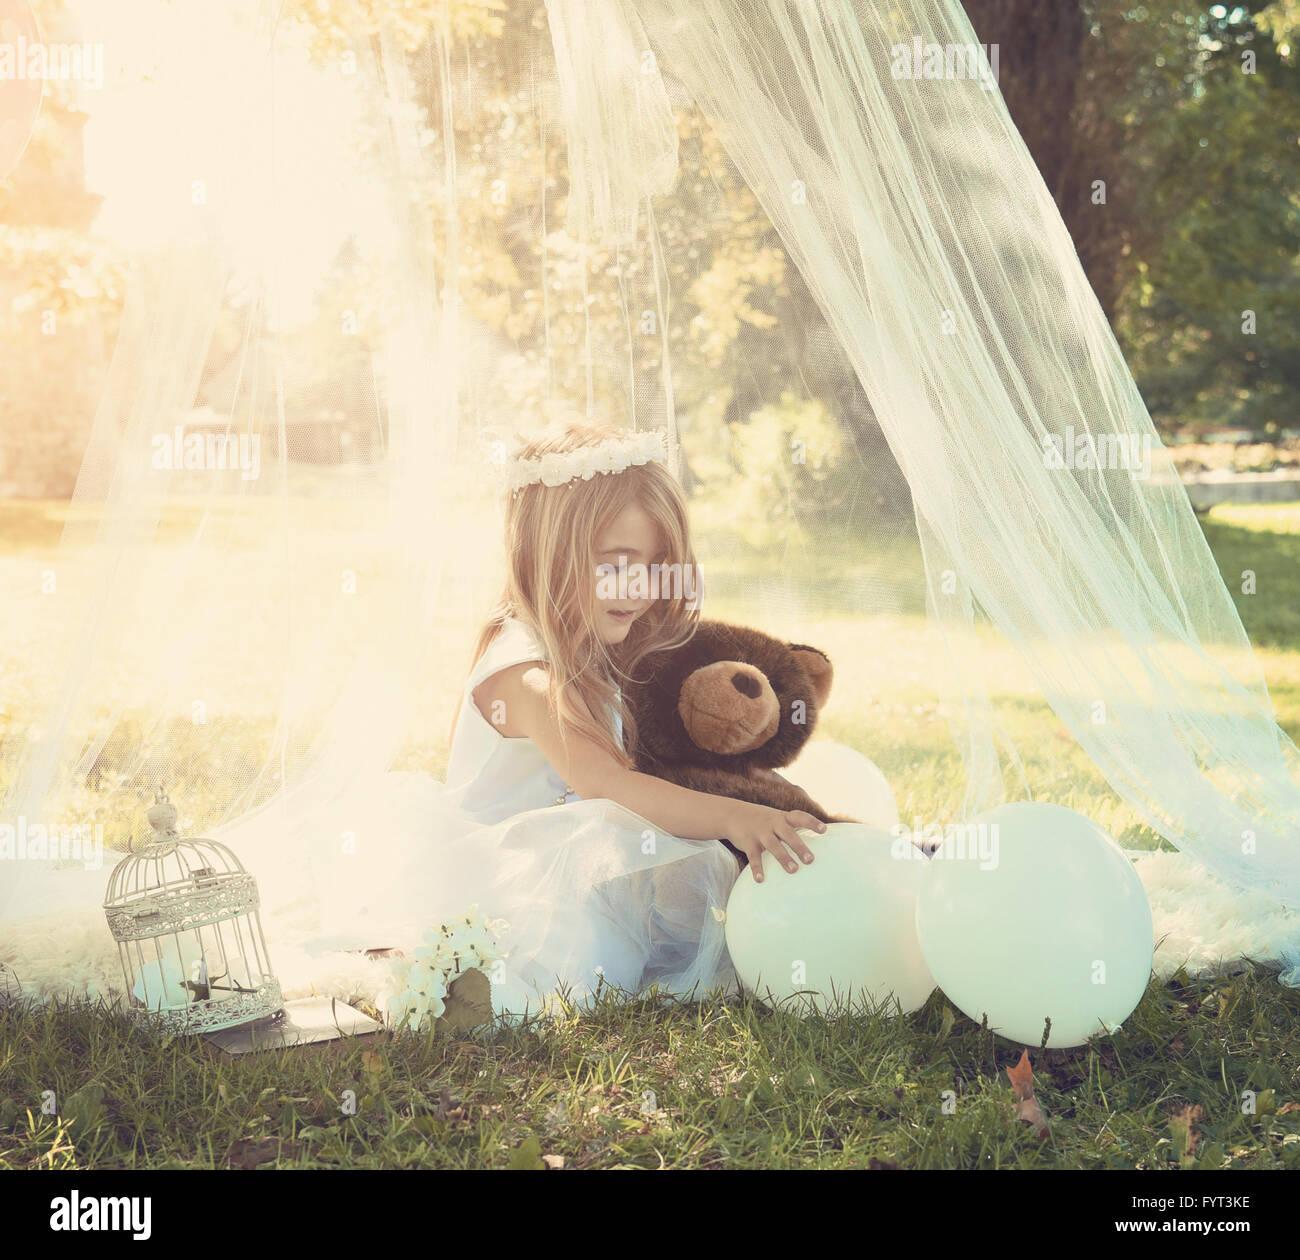 Ein schönes Mädchen spielt mit Ballons in einem weißen Kleid draußen unter einem Baldachin mit Stockbild